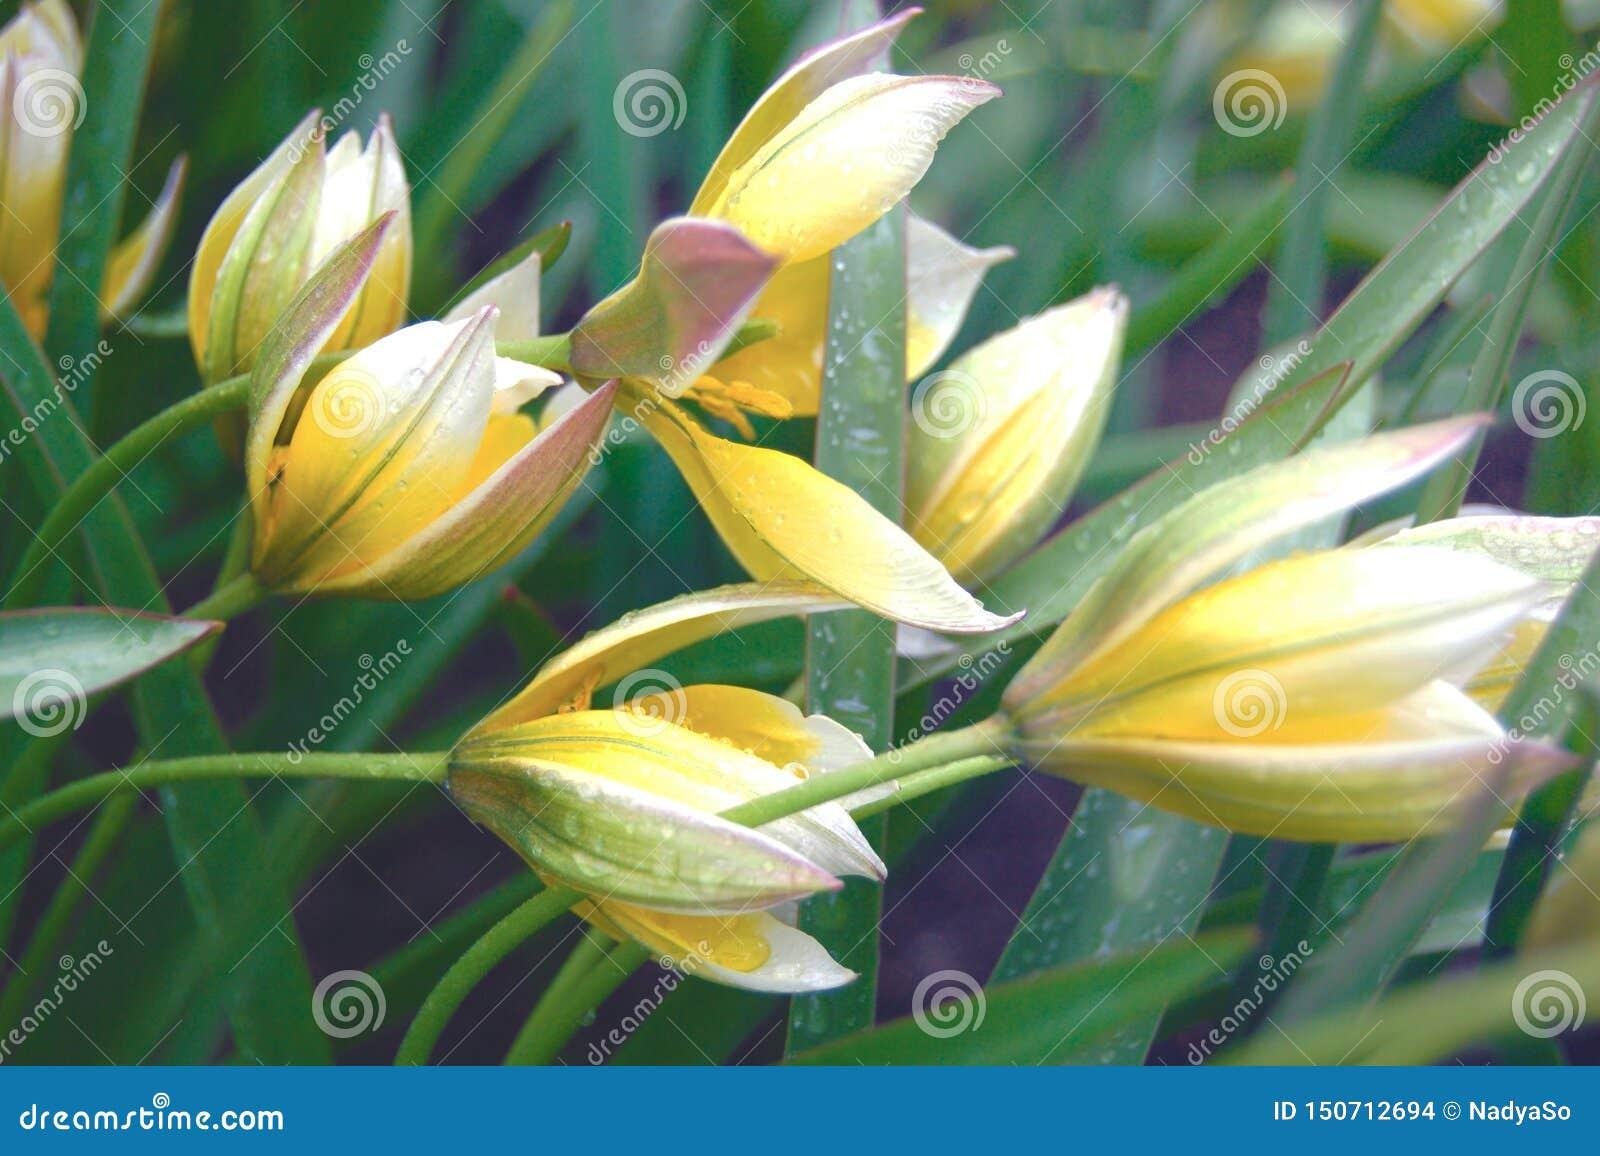 Empfindliche Tulipa tarda Blumen im regnerischen Wetter